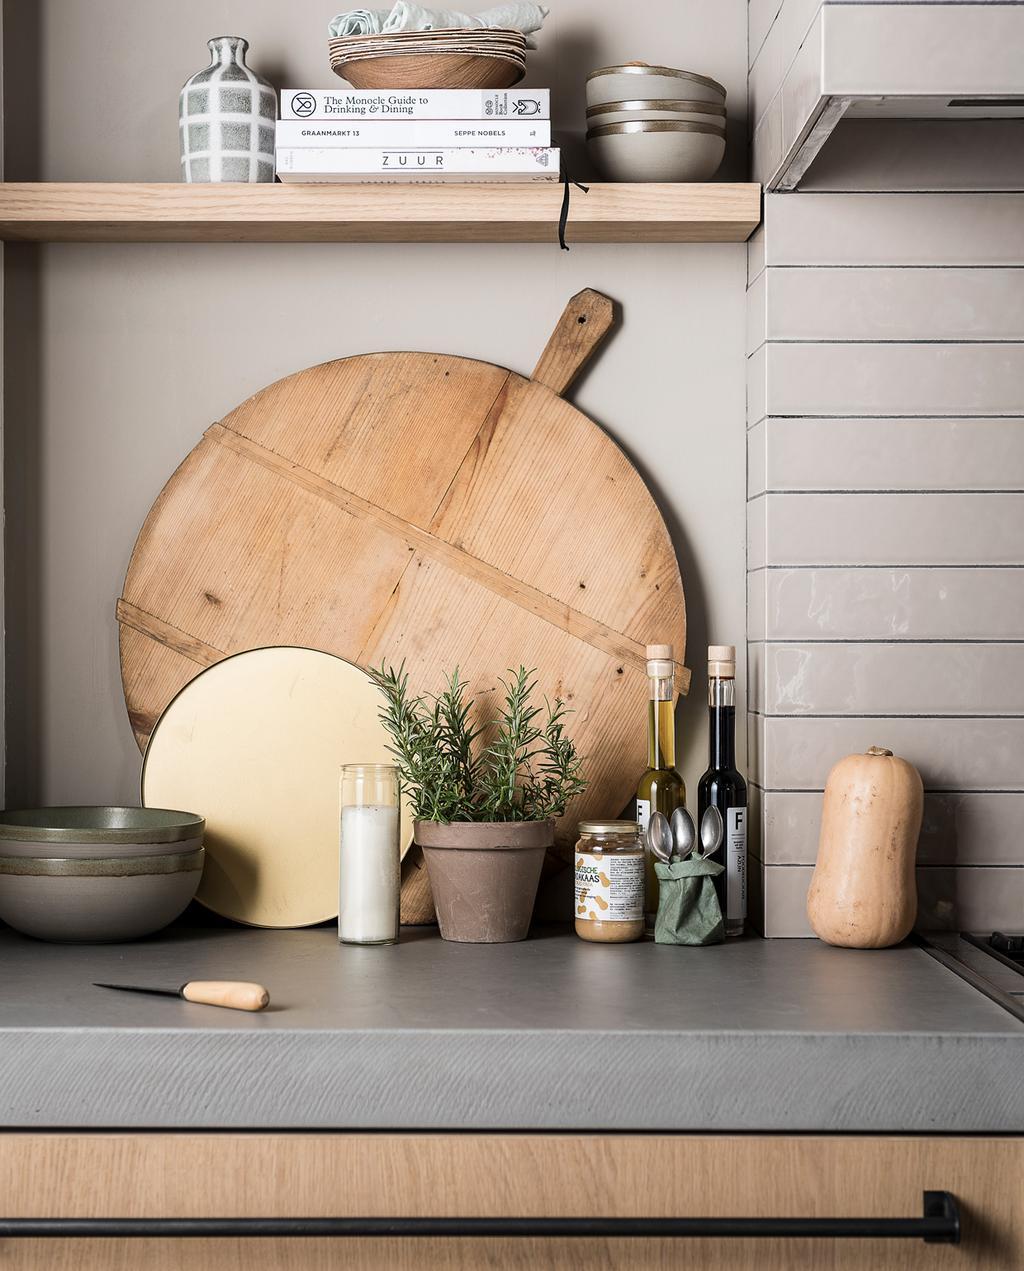 vtwonen 07-2017 | styling Danielle Verheul, fotografie Sjoerd Eickmans | keuken